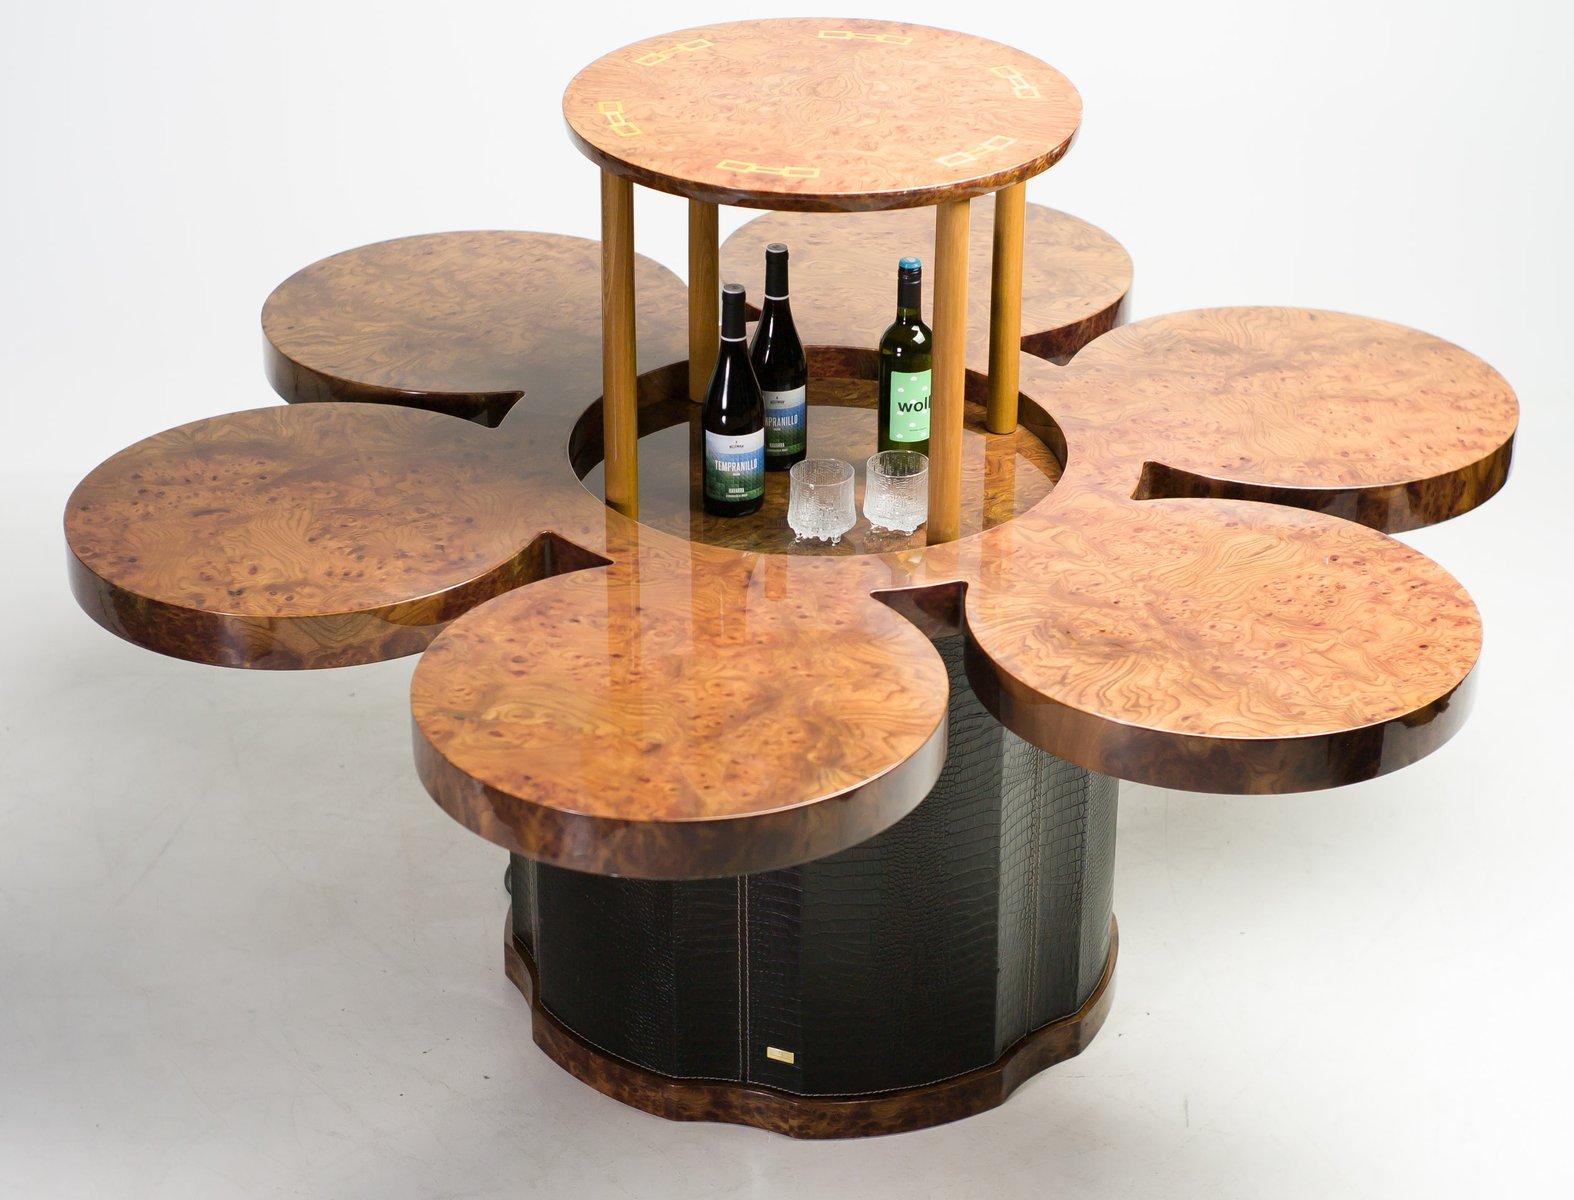 Maßgefertigter Esstisch mit Eingebauter Hebevorrichtung von Formitalia...